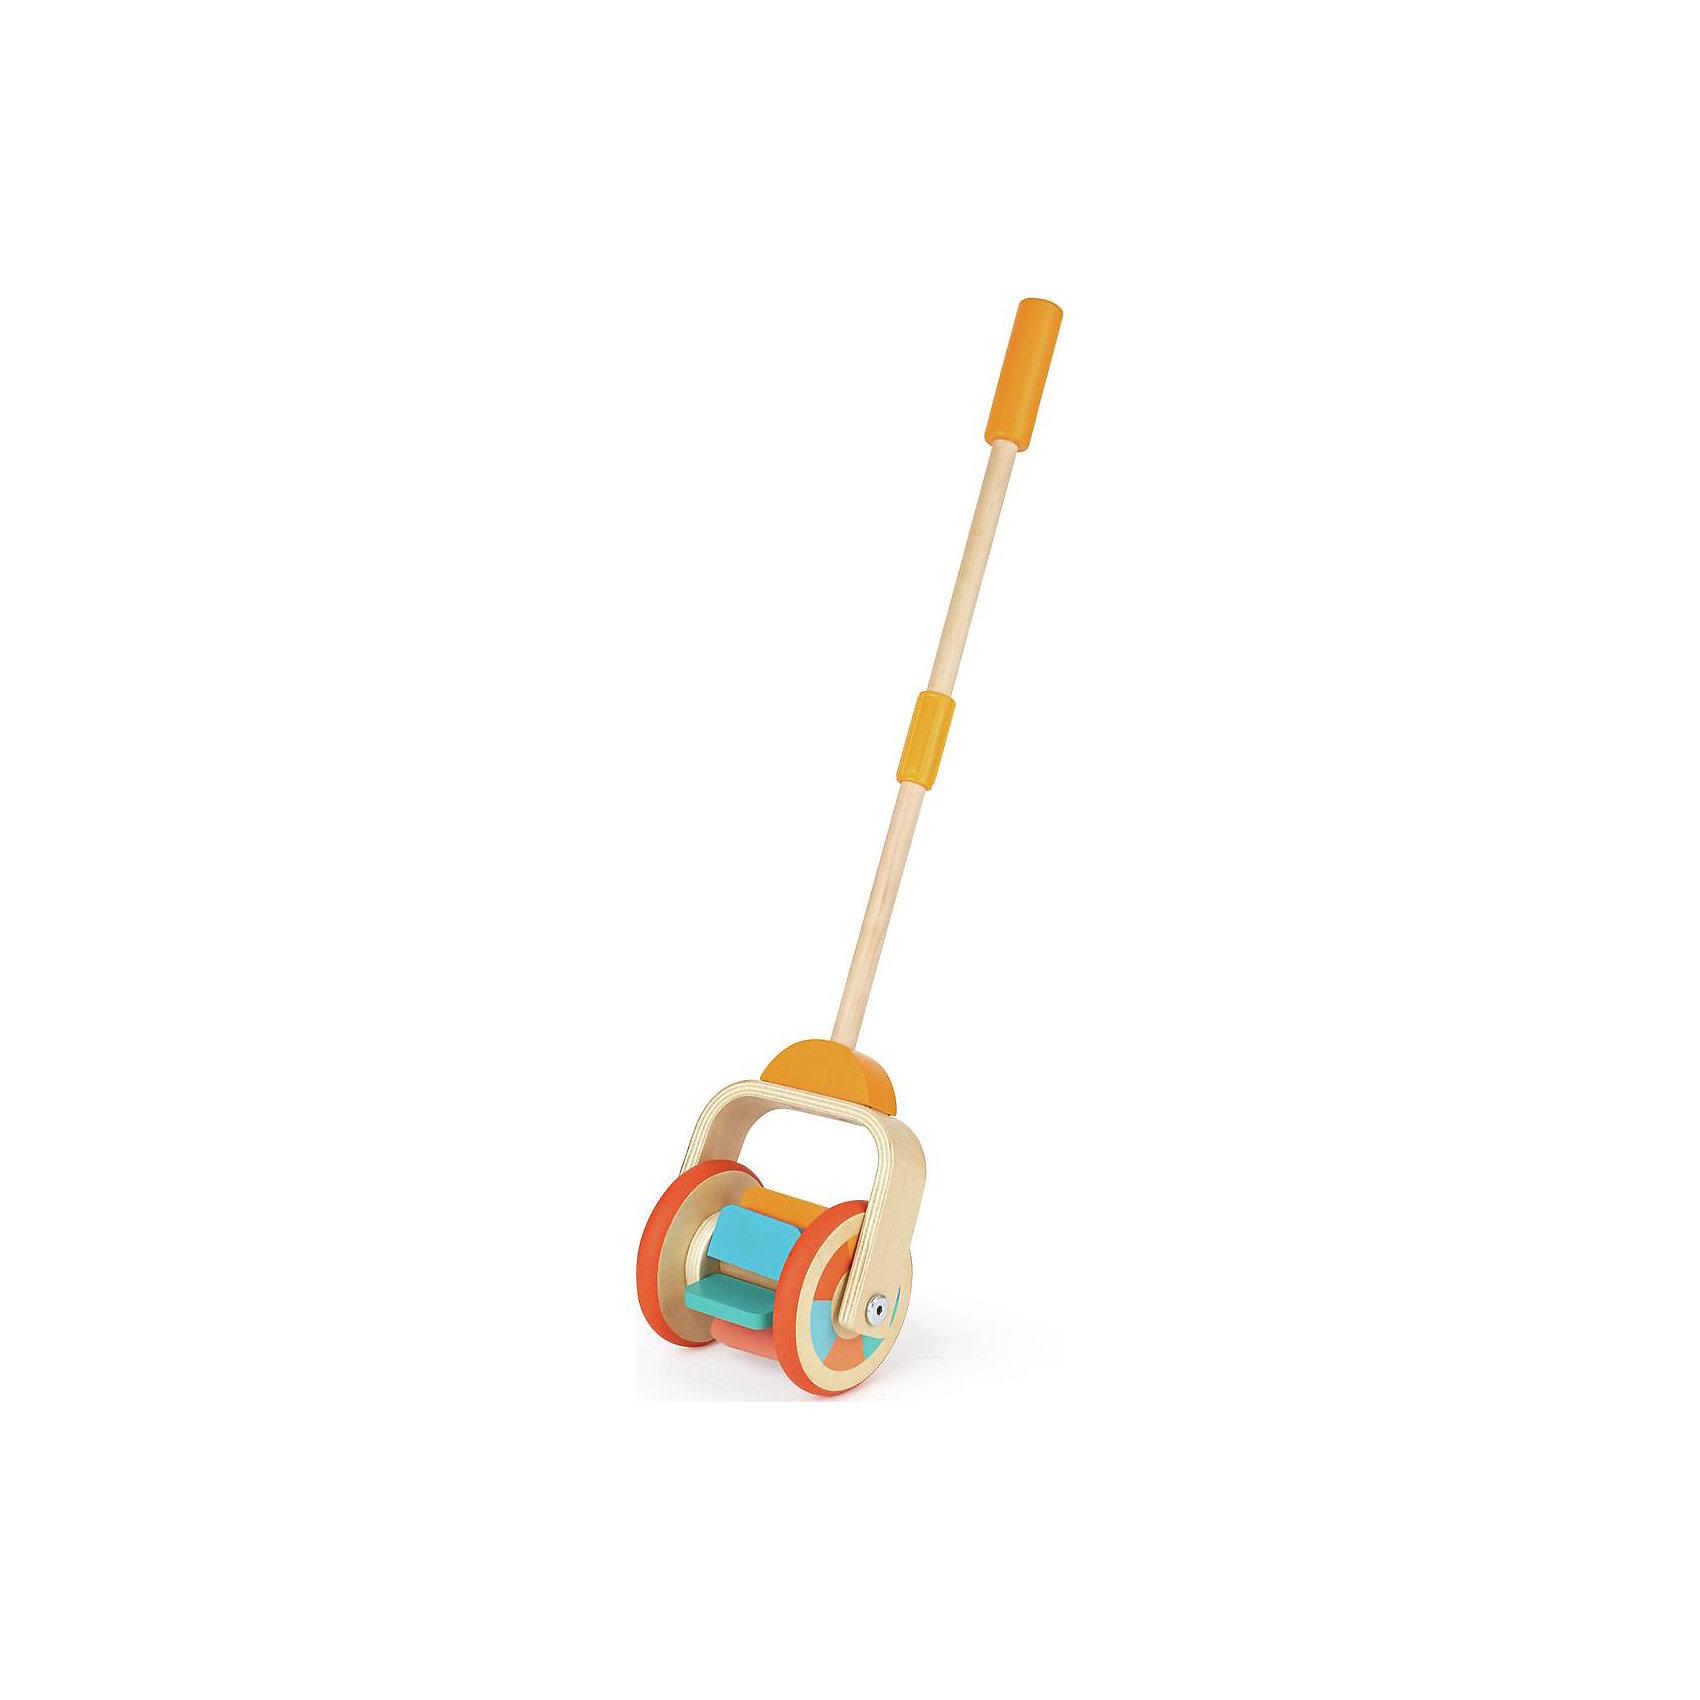 Деревянная каталка Радуга, HapeИгрушки-каталки<br>Забавная игрушка Радуга развеселит малыша своими гремящими звуками. Она имеет удобную ручку и мягкие вставки на колесиках, что позволяет играть в нее дома и на улице. <br>Игрушка сделана из высококачественного материала, который безопасен для здоровья ребенка.<br><br>Дополнительная информация:<br><br>- Возраст: от 10 до 24 месяцев<br>- Материал: резина, дерево<br>- Размеры: 50х19х9 см<br>- Вес: 0.4 кг<br><br>Деревянную каталку Радуга, Hape можно купить в нашем интернет-магазине.<br><br>Ширина мм: 250<br>Глубина мм: 183<br>Высота мм: 184<br>Вес г: 662<br>Возраст от месяцев: 10<br>Возраст до месяцев: 24<br>Пол: Унисекс<br>Возраст: Детский<br>SKU: 3685380